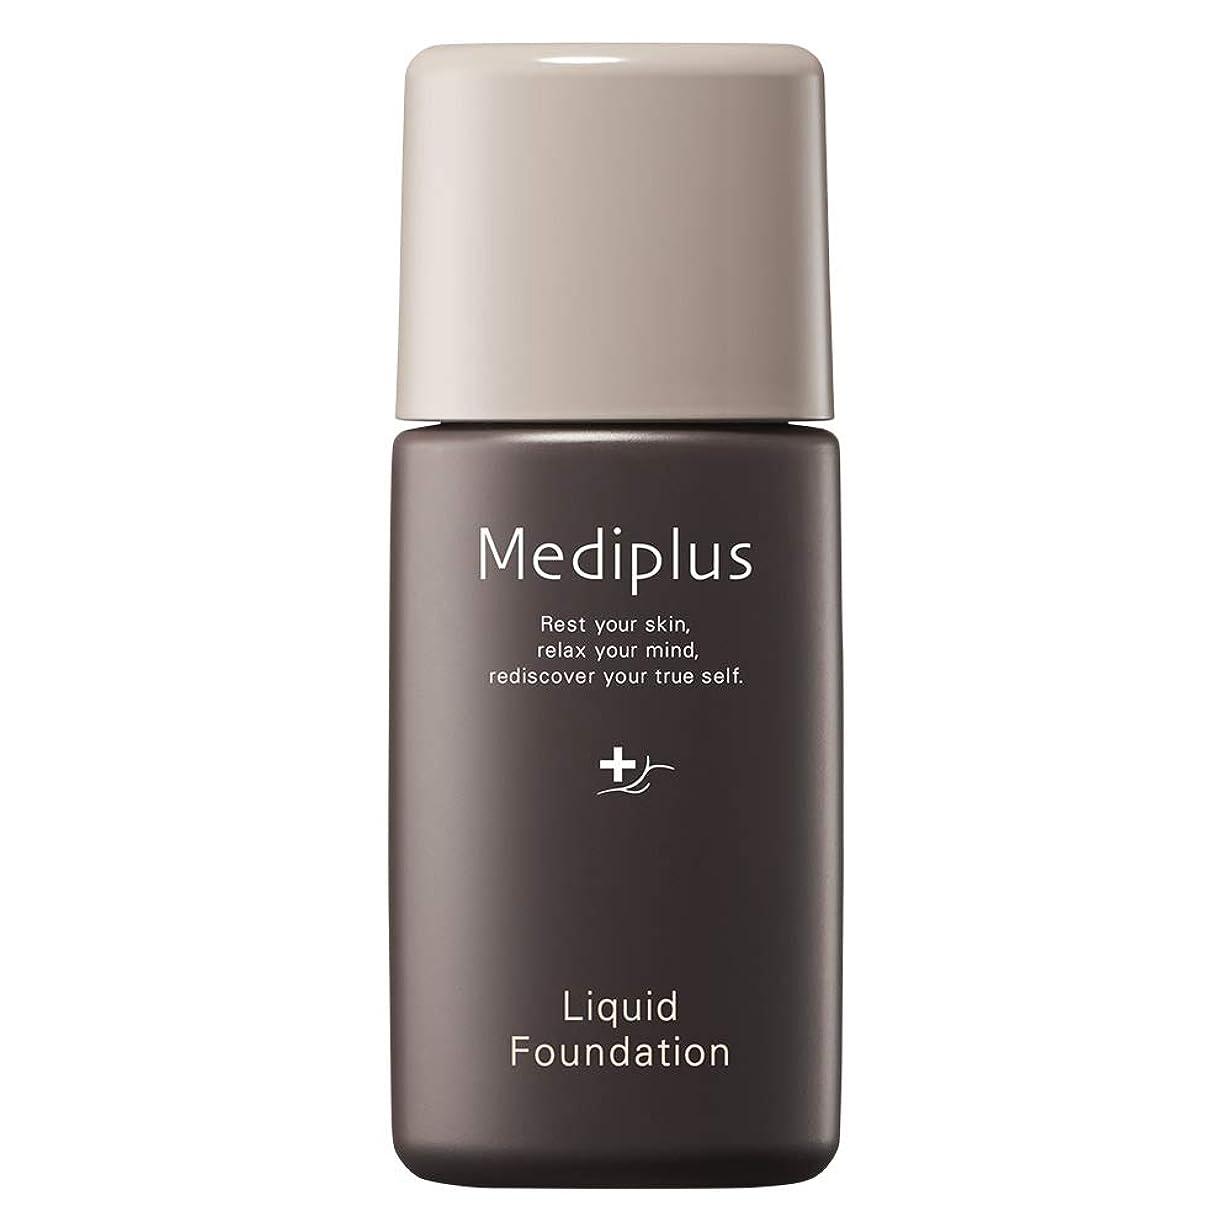 眼葉っぱブリーフケースmediplus メディプラス リキッドファンデーション 20g (約4~5ヵ月分) (ナチュラル)